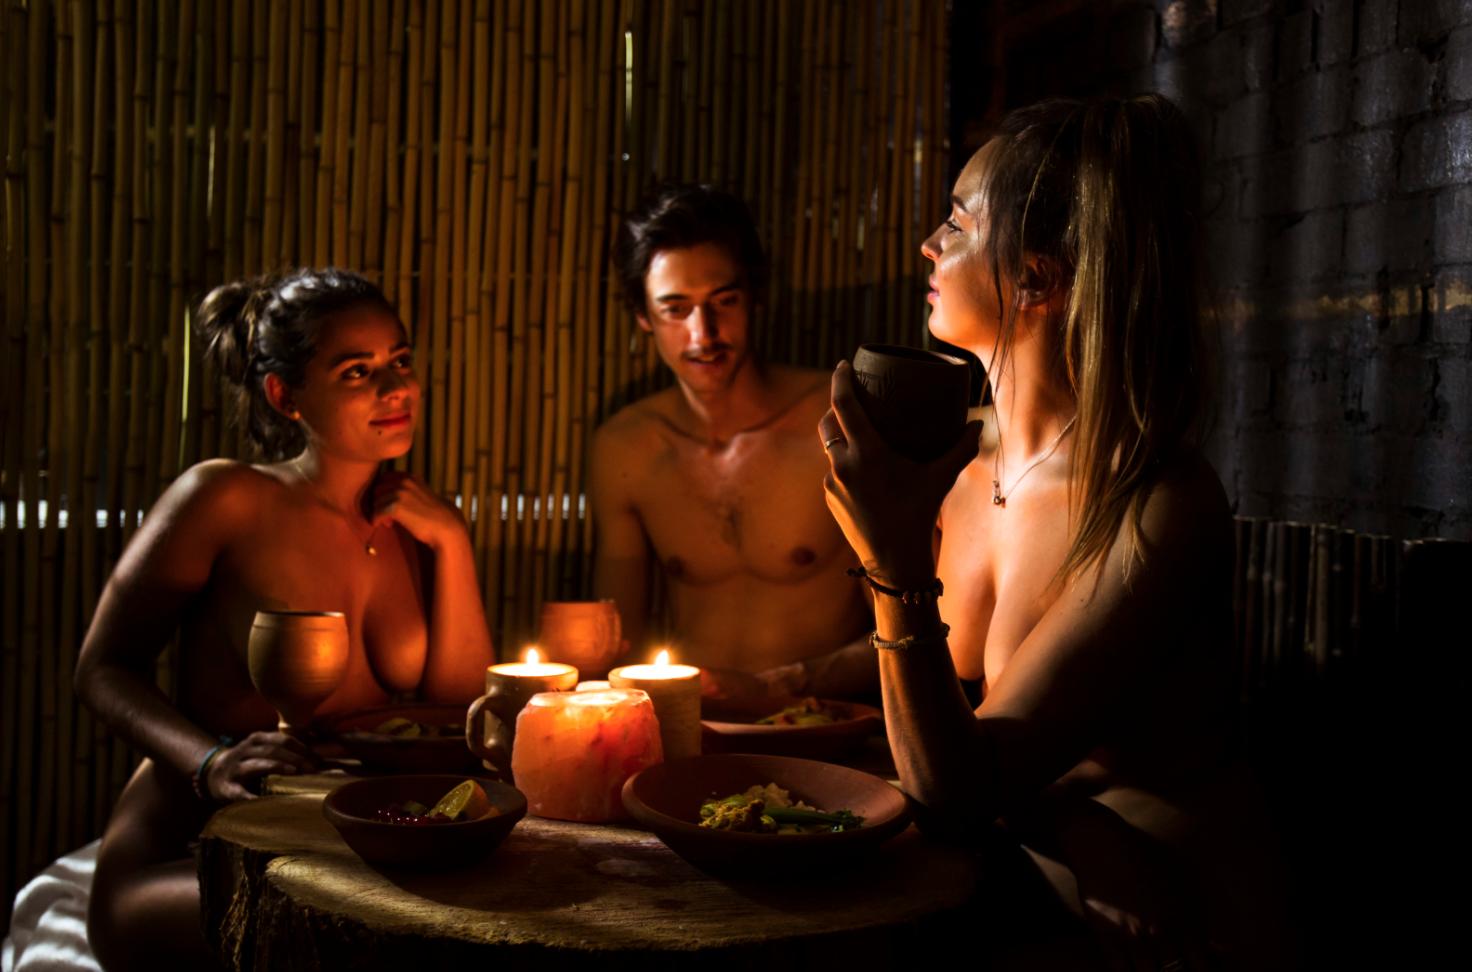 restaurant-naked-girl-ayse-naked-uk